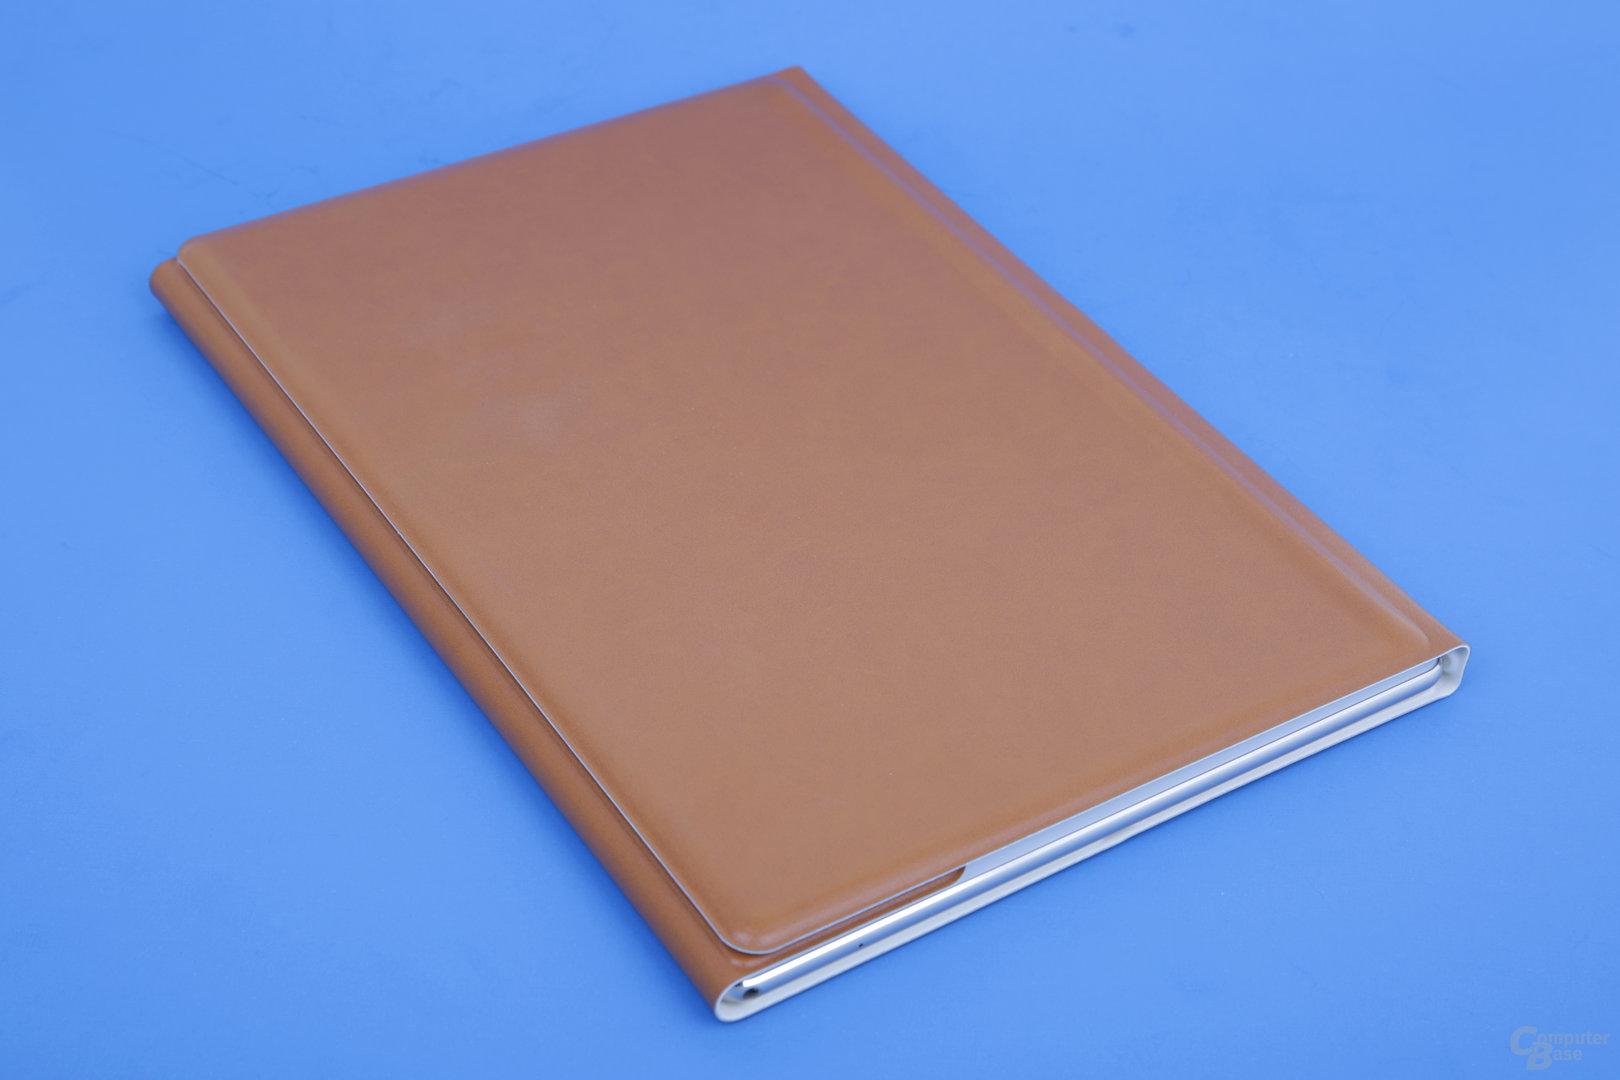 Huawei MateBook im geschlossenen Cover